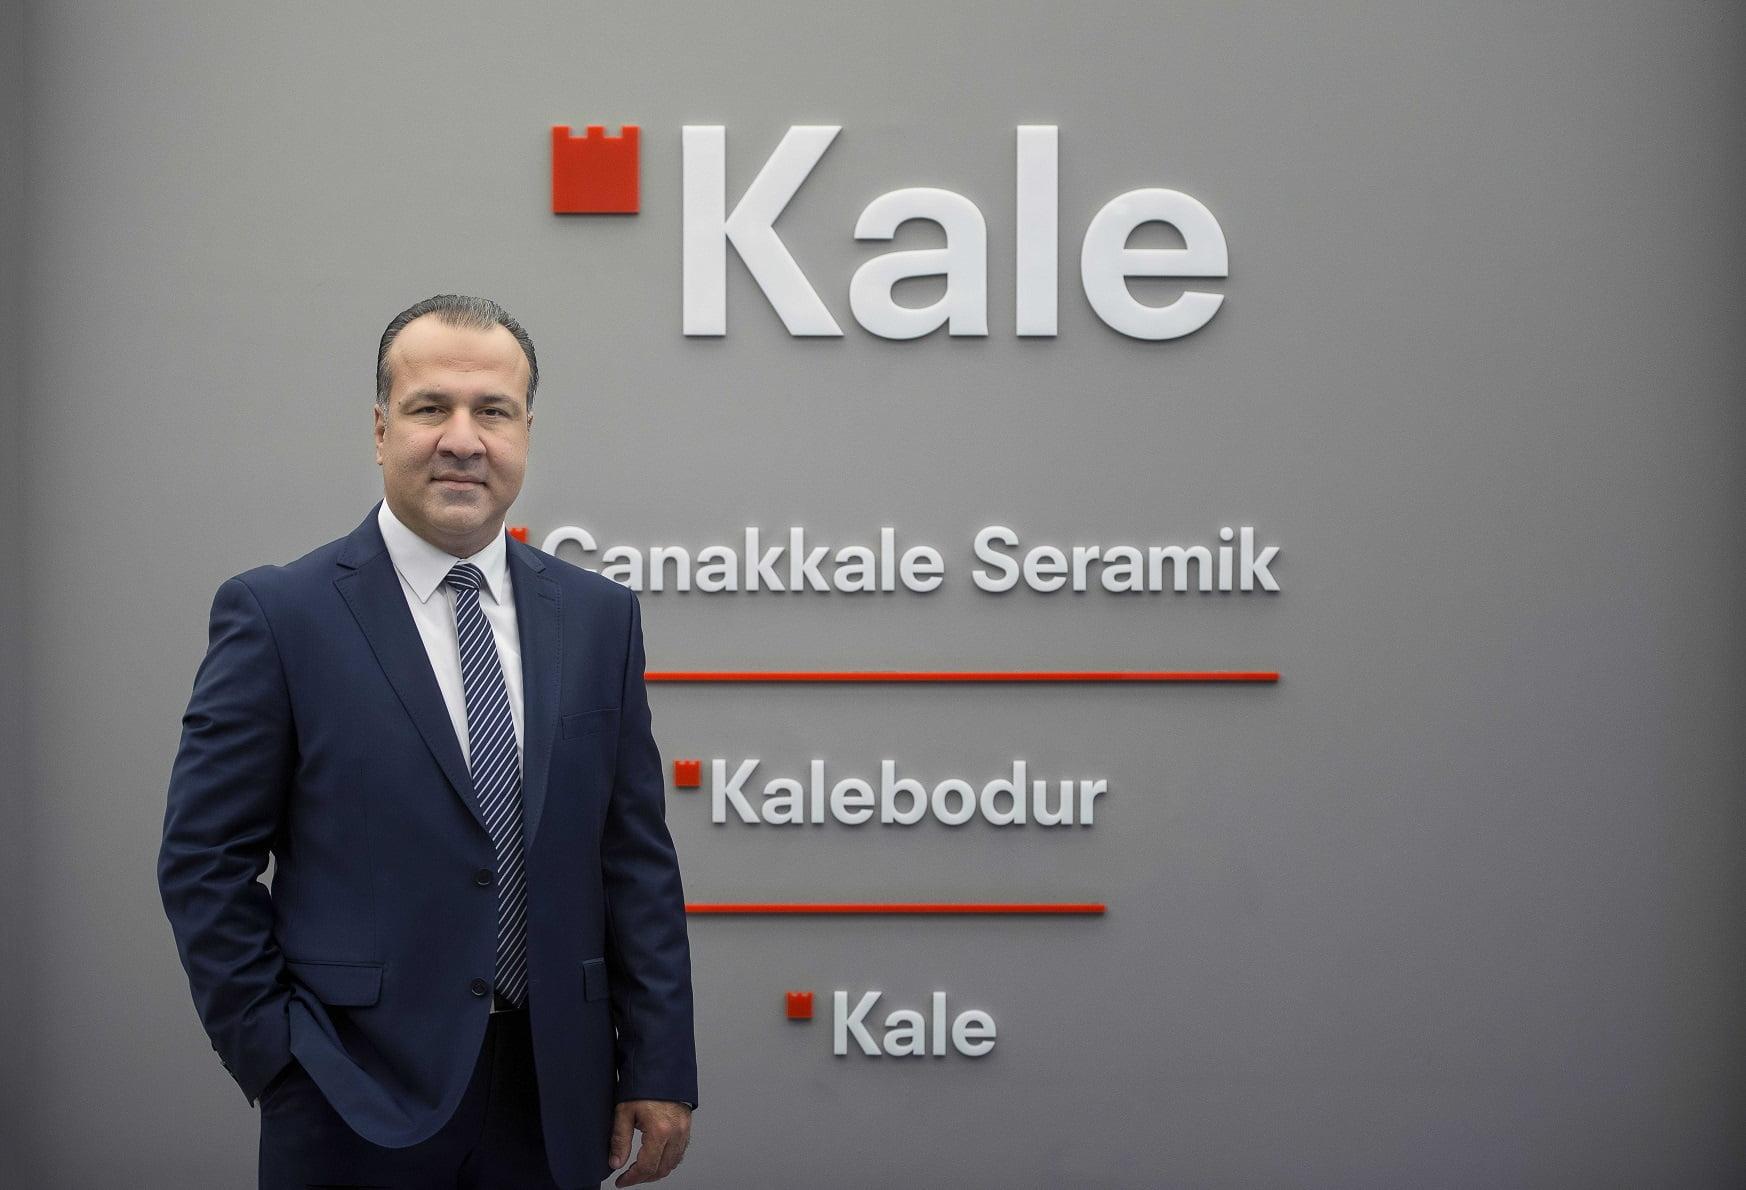 Kaleseramik, yine Türkiye'nin en değerli markaları arasında.